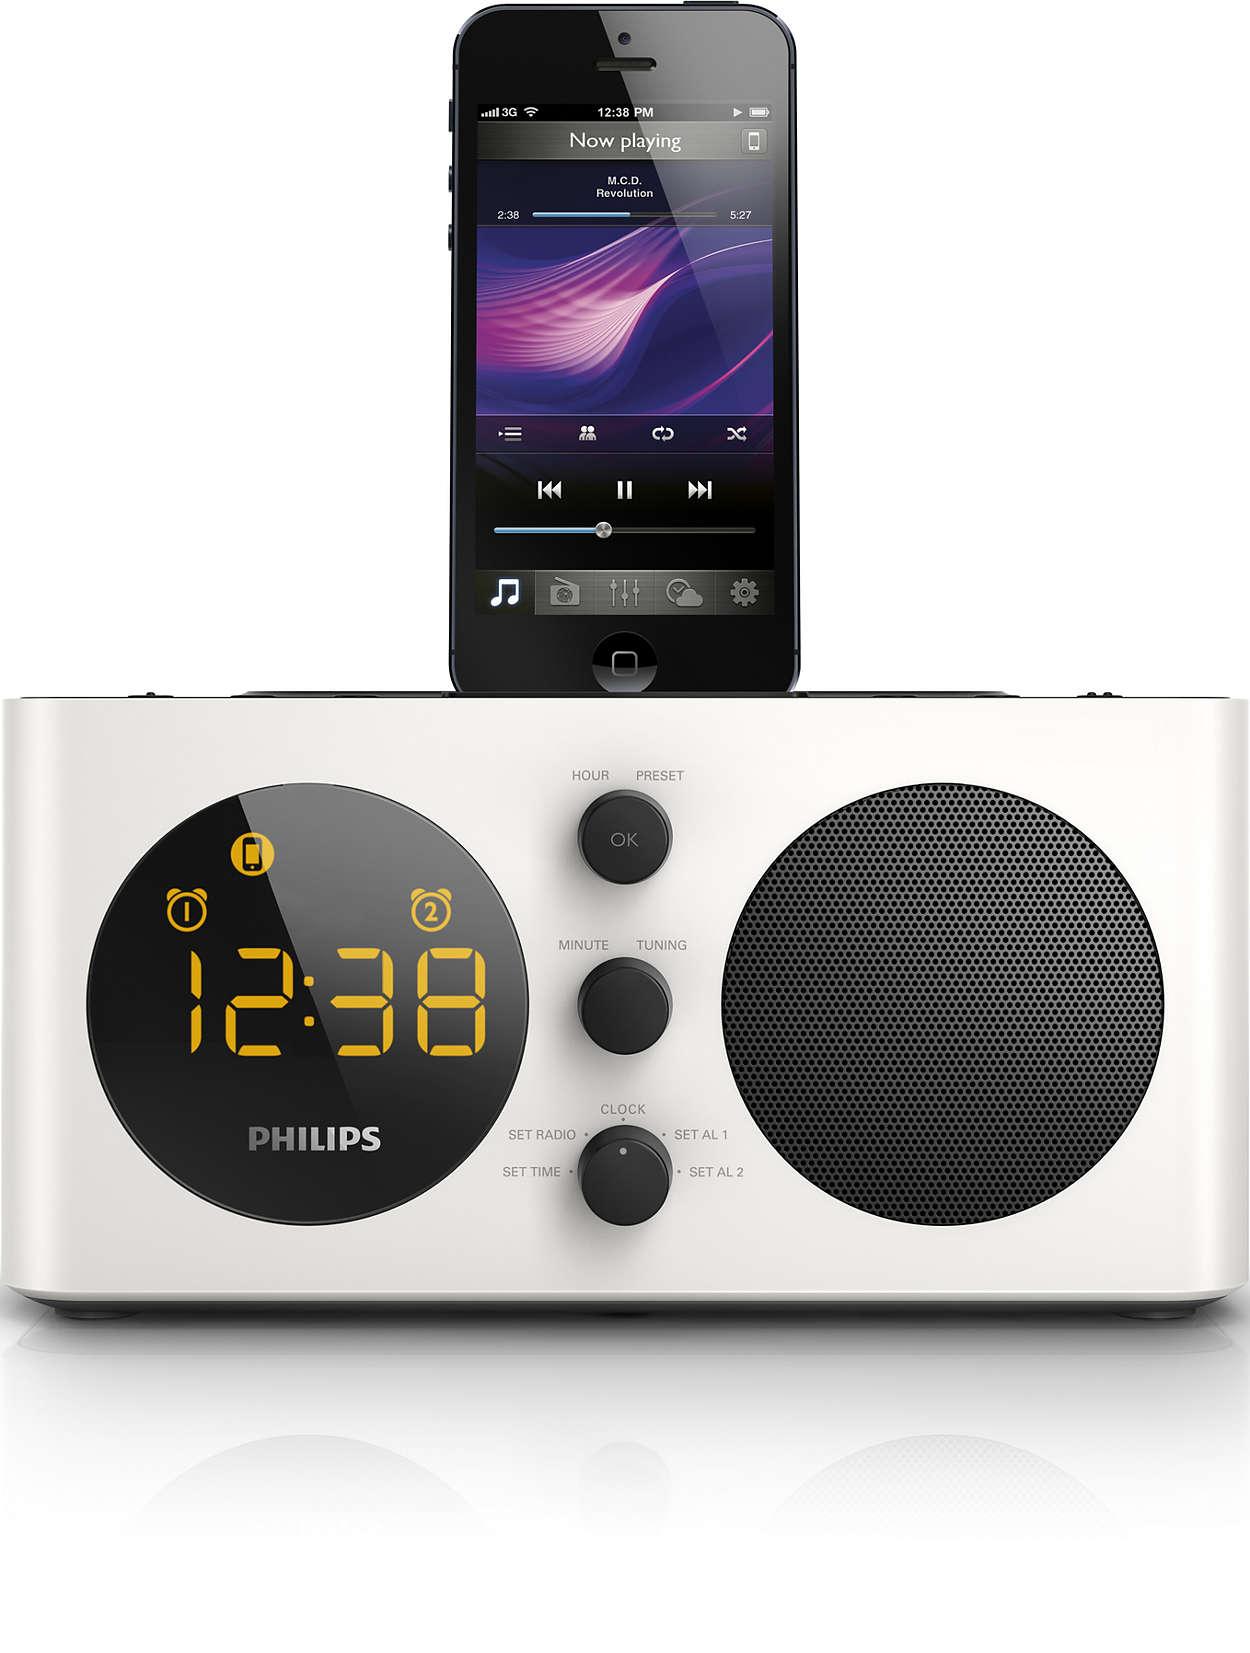 Просыпайтесь под музыку с вашего iPod или iPhone